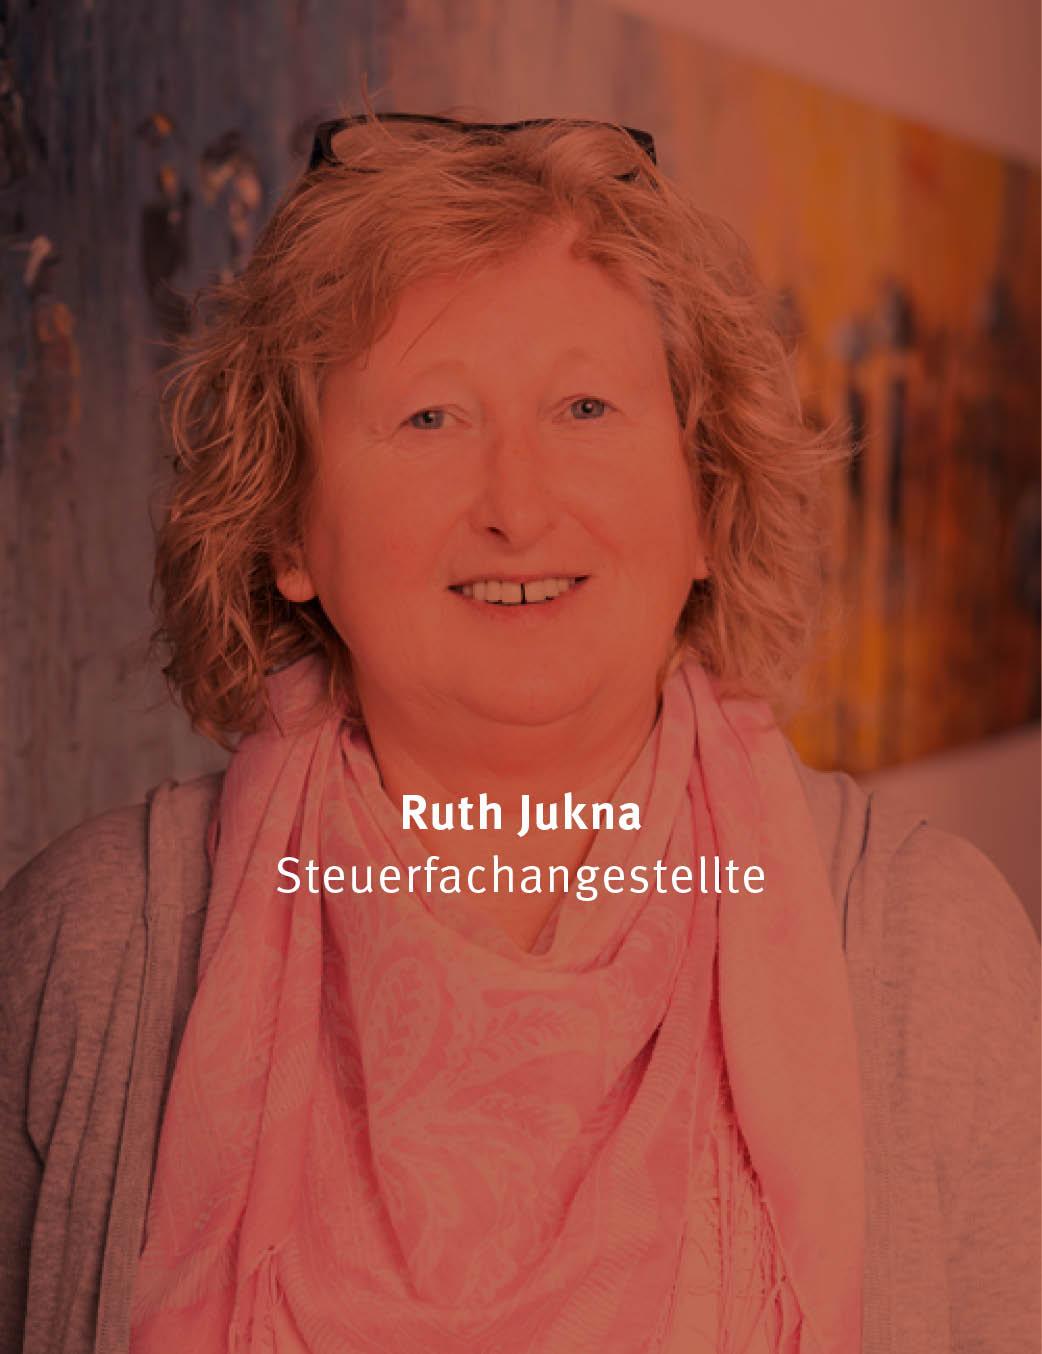 Ruth Jukna Steuerfachangestellte Steuerberater Langenau Klaiber, Lotspeich, Kneer, Anhorn, Stiele, Partnerschaft mbB, Steuer, Langenau